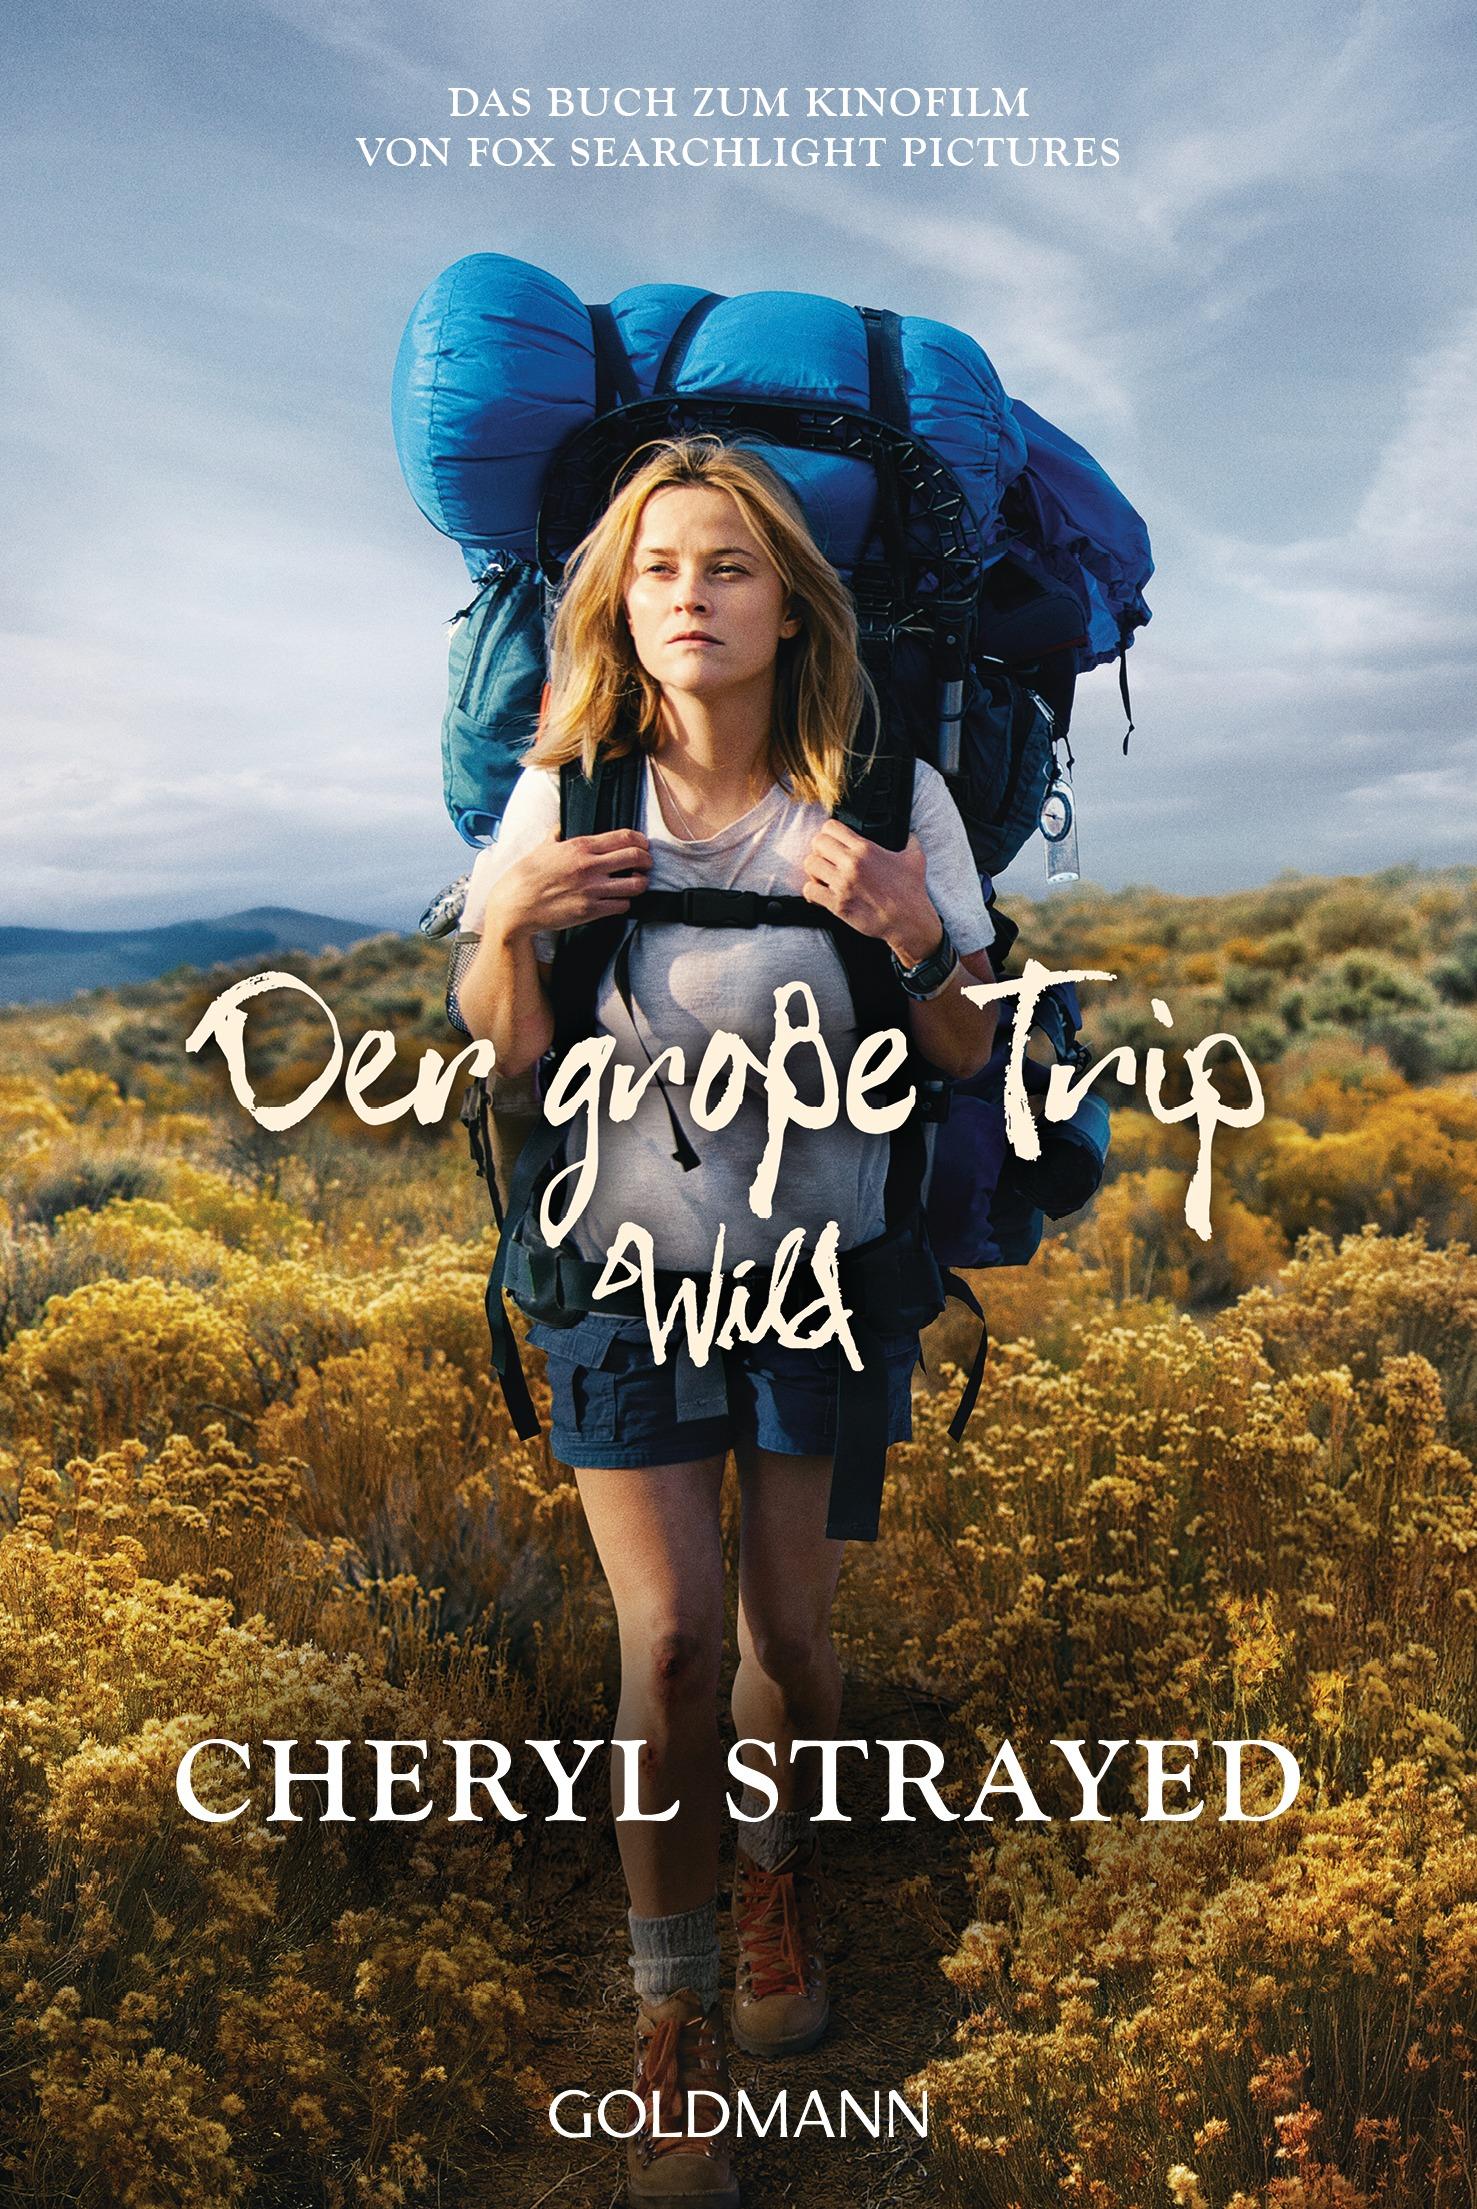 Der große Trip - WILD: Tausend Meilen durch die Wildnis zu mir selbst - Cheryl Strayed [Taschenbuch]